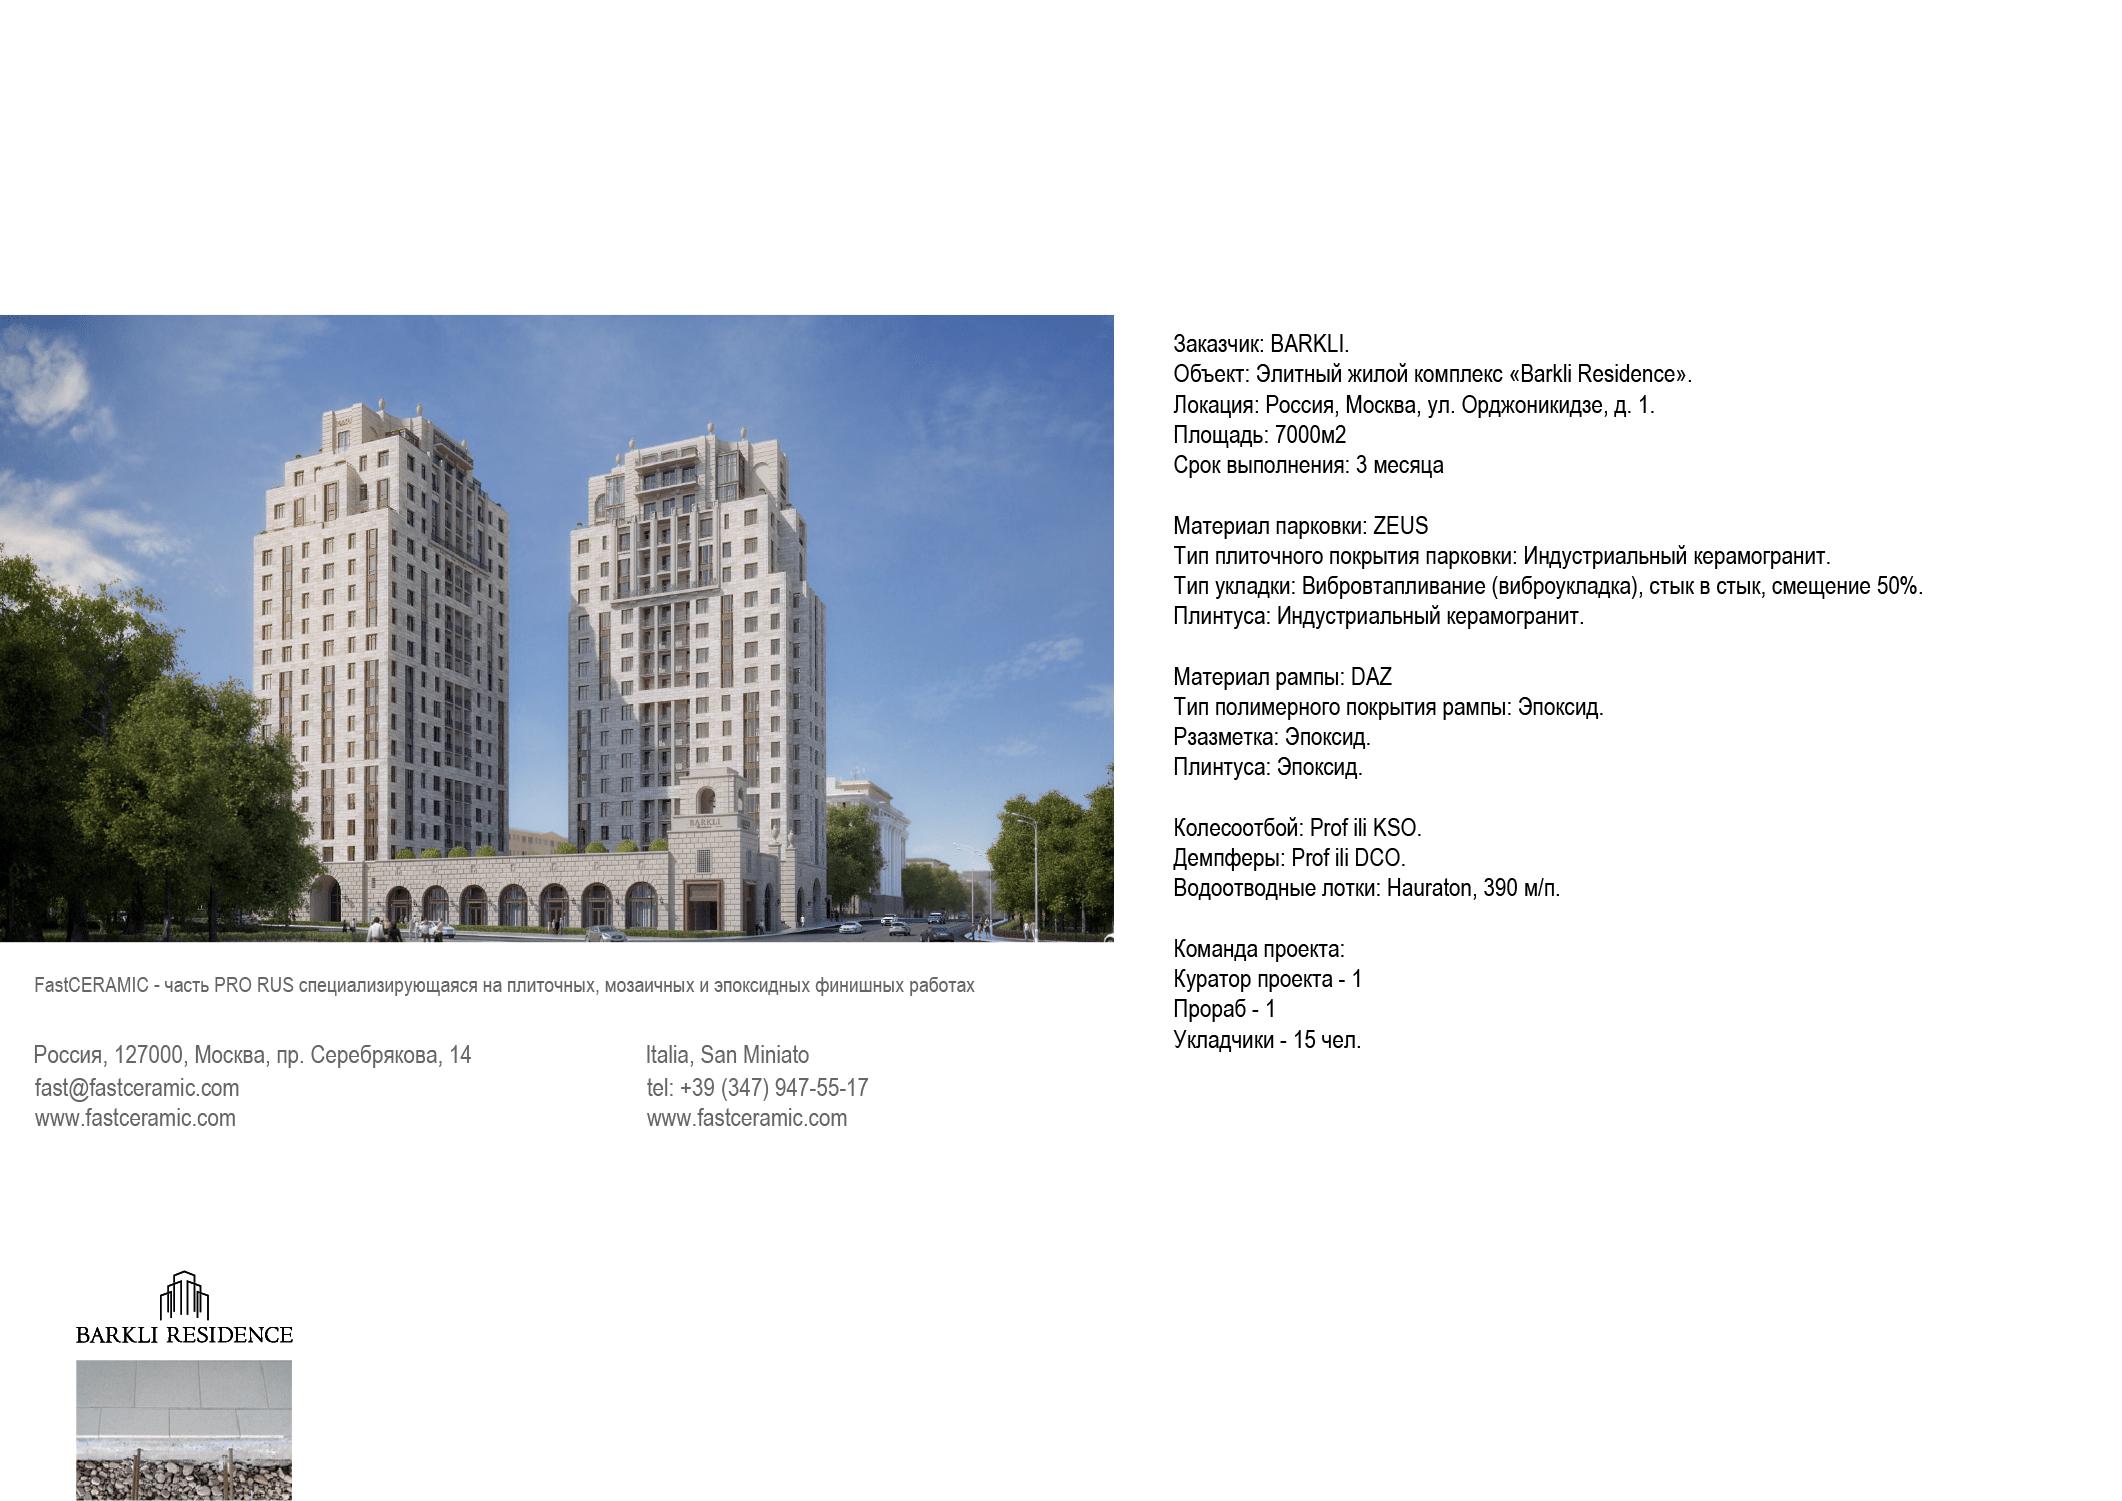 Виброукладка плитки Barkli Residence - элитный жилой комплекс в центре Москвы #FASTCERAMIC